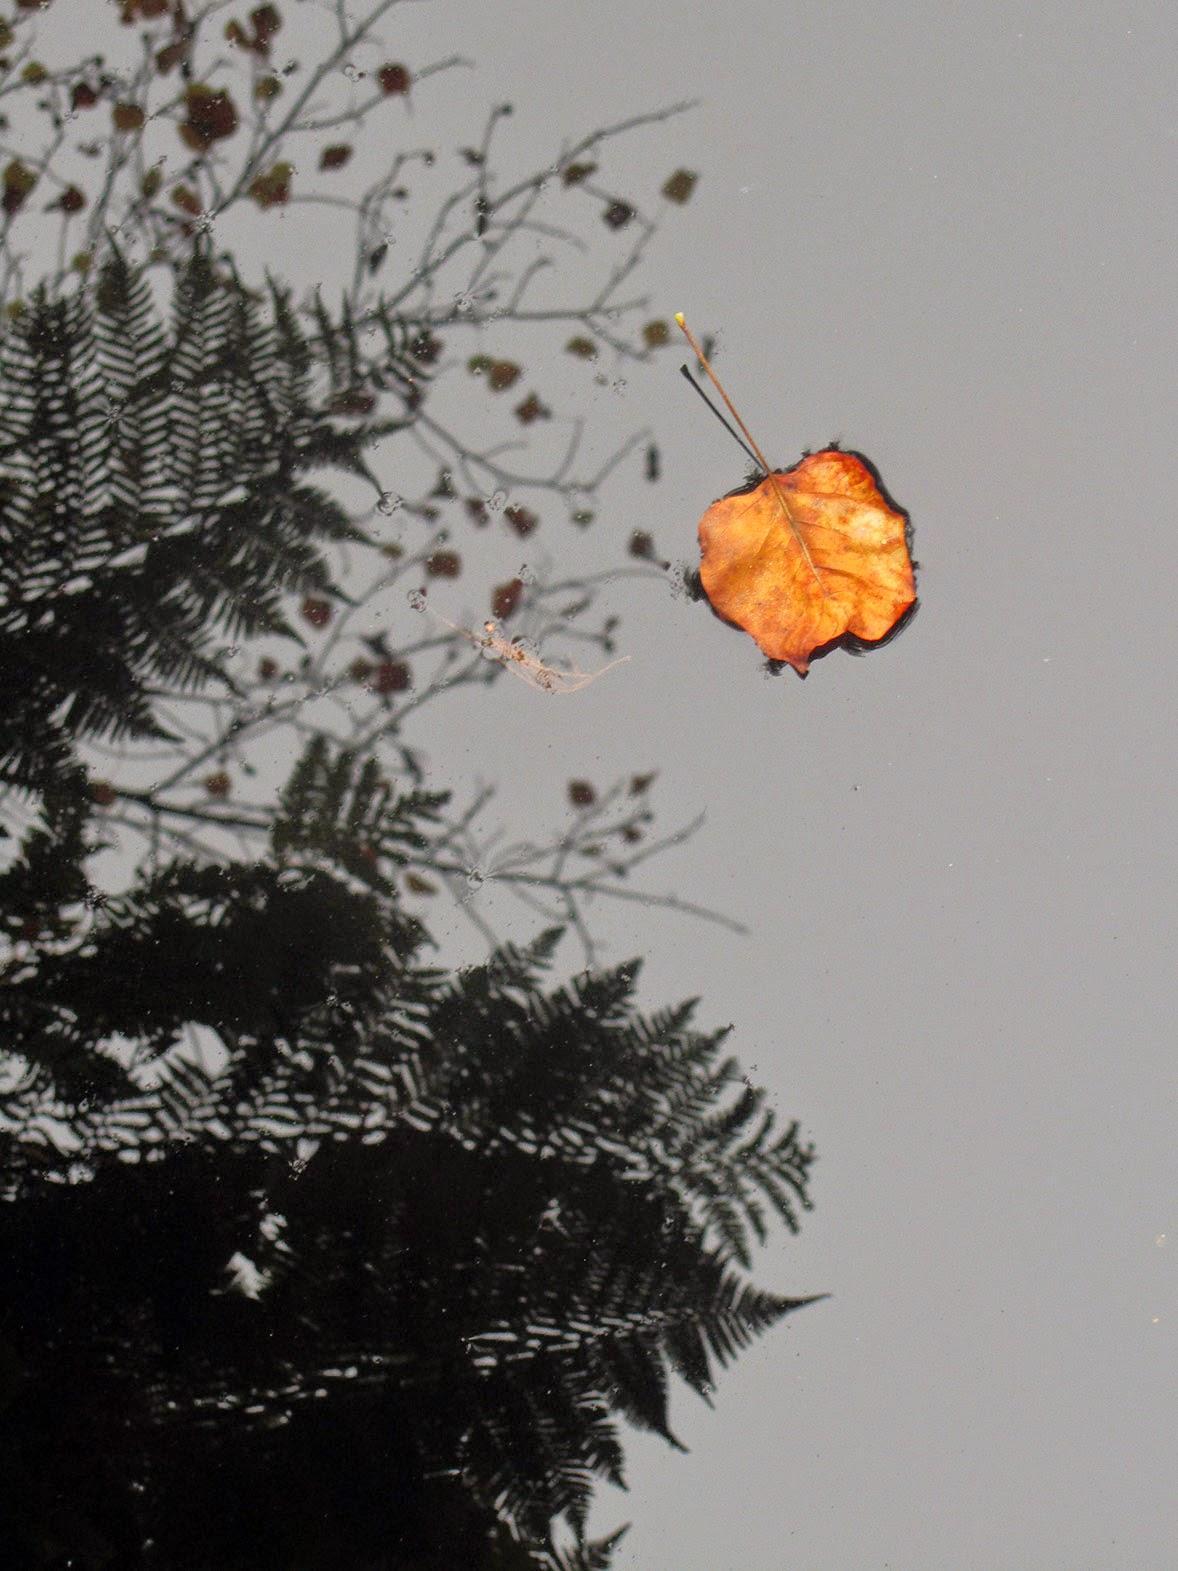 floating orange leaf